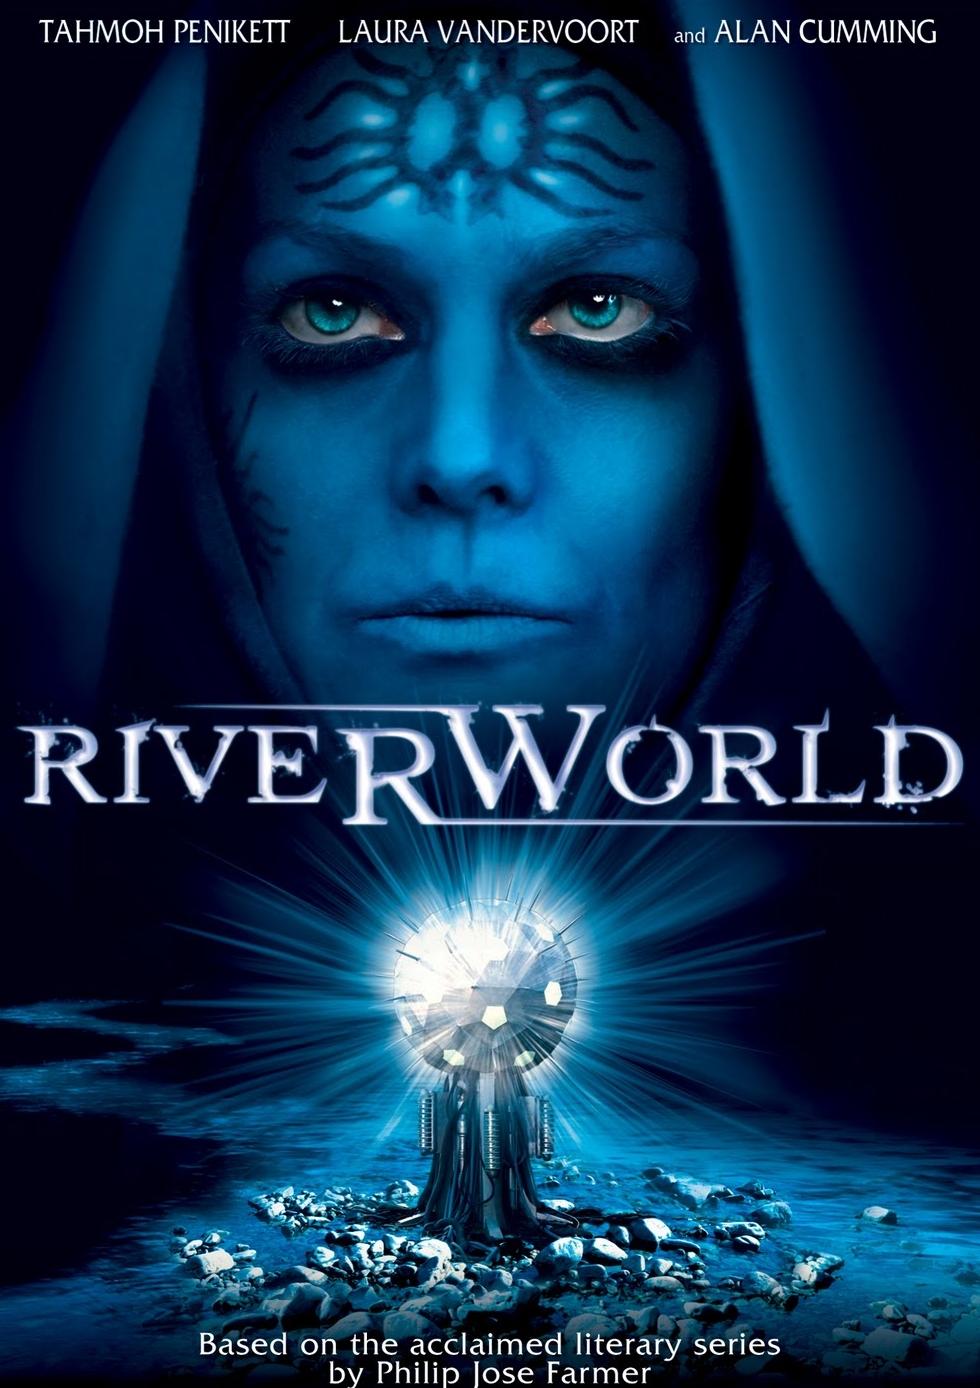 20813_Riverworld_2DORING.jpg